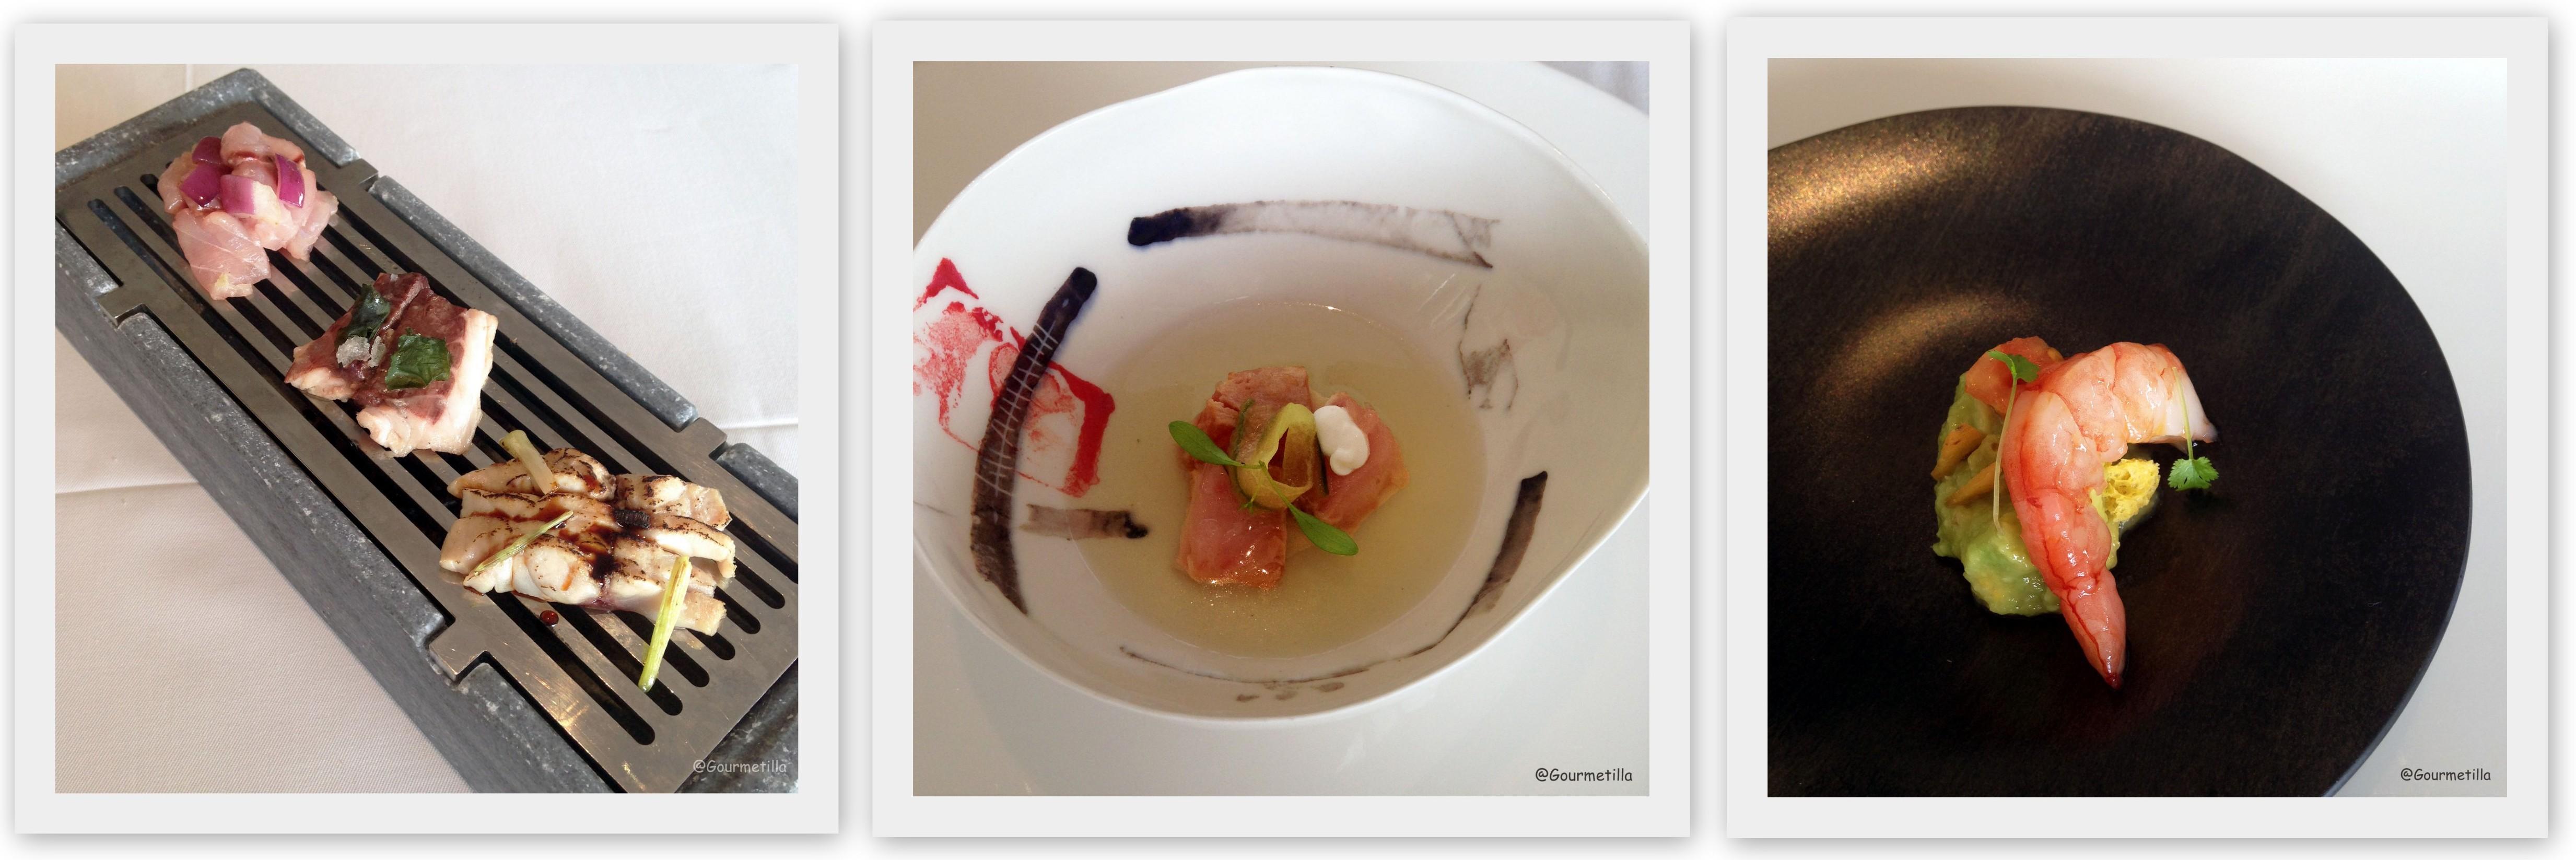 Gastrotendencias for Cocinar jurel